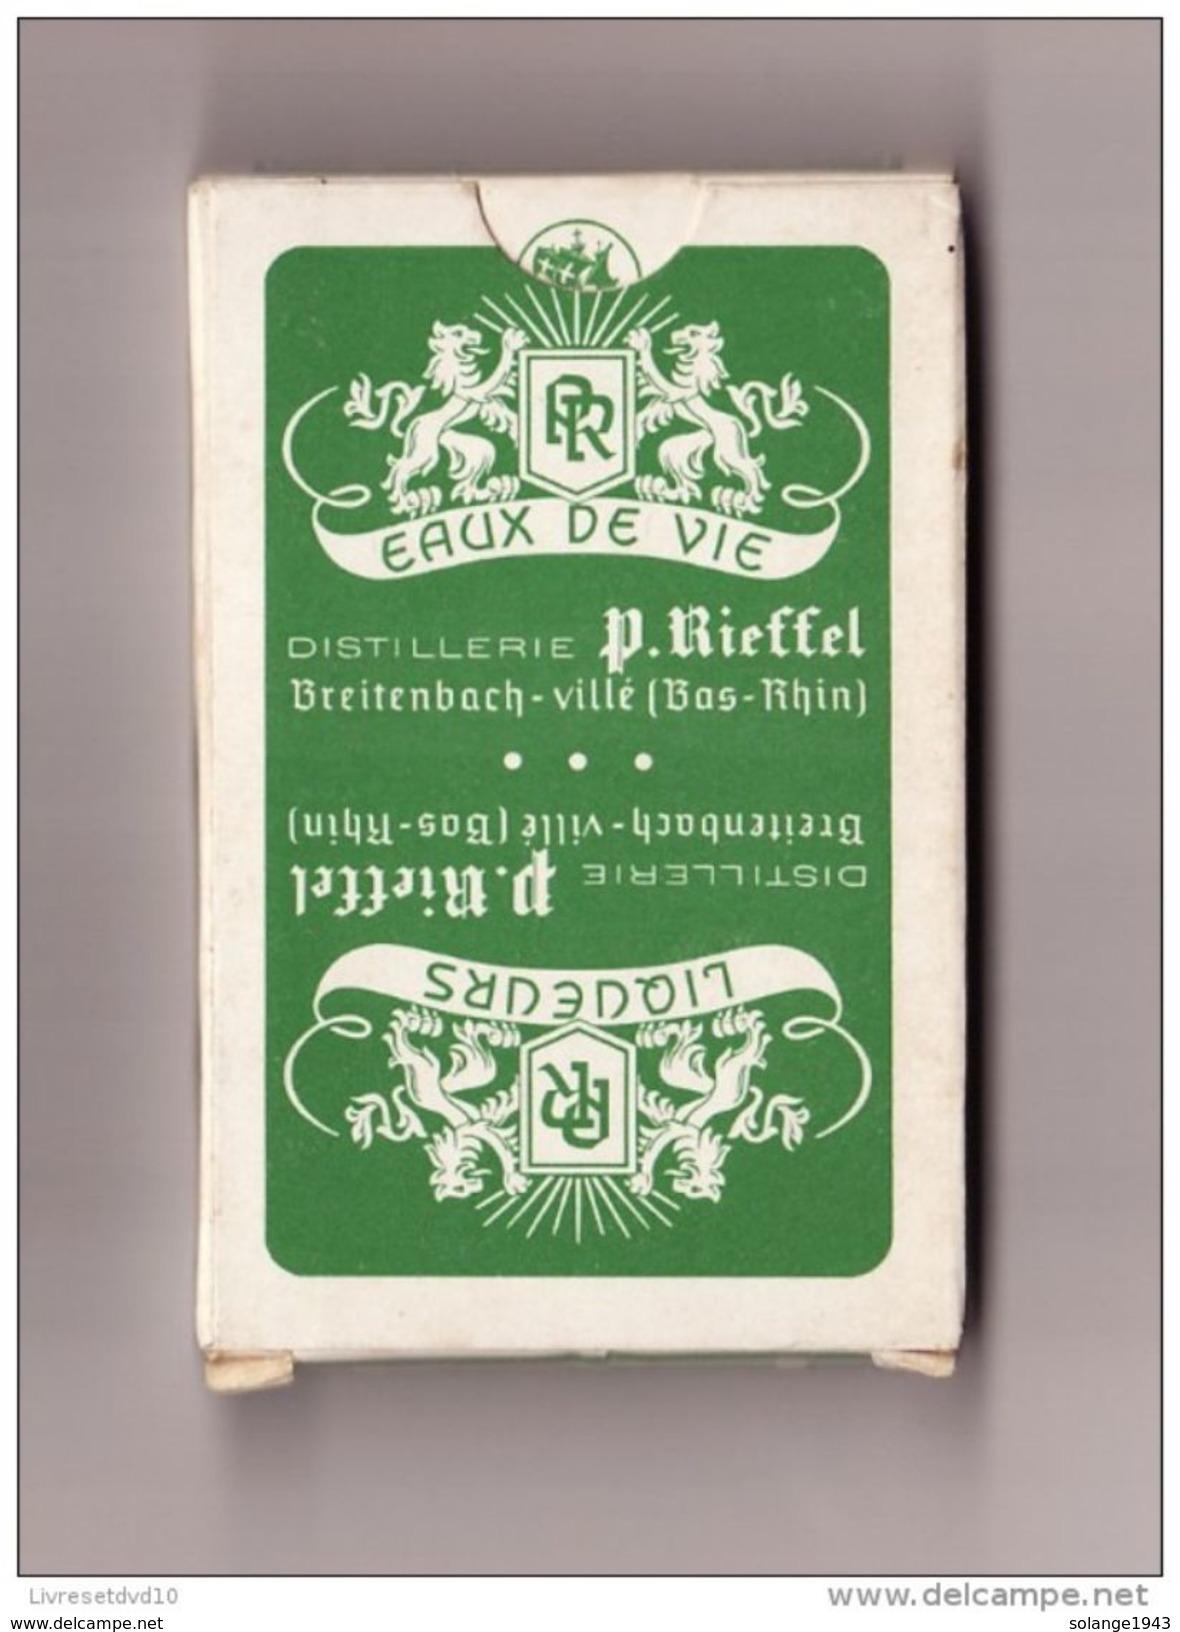 JEU DE CARTES Publicité Distillerie Rieffel BREITENBACH ( TTB ETAT Comme Neuf Jamais Joué) - France